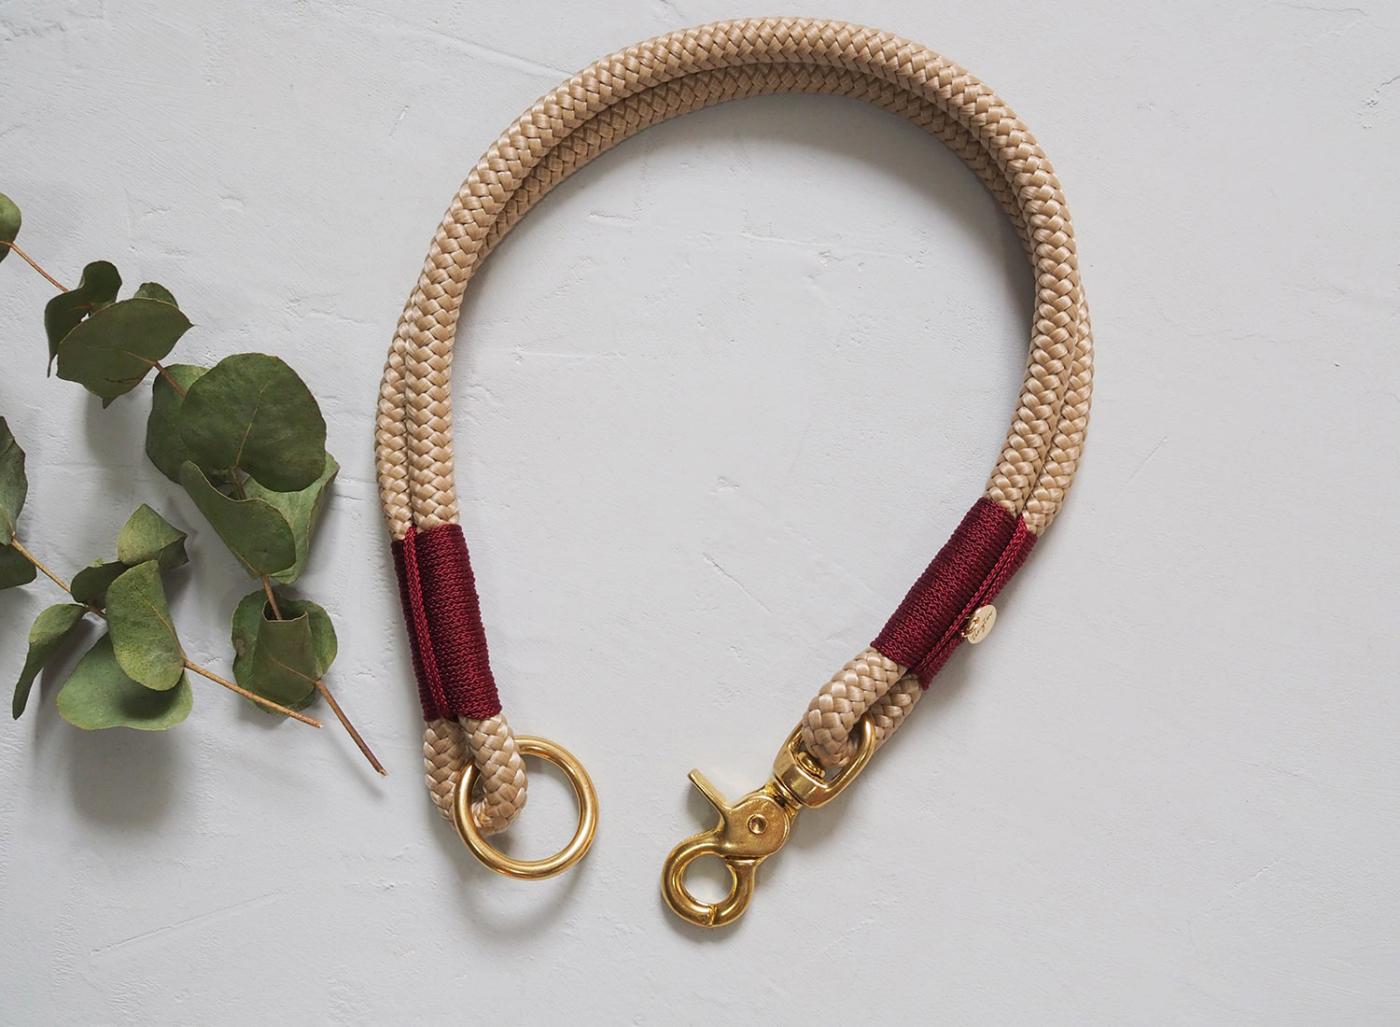 Halsband aus Tauwerk in beige mit weinroter Umwickelun und goldenen Beschlägen aus Messing.